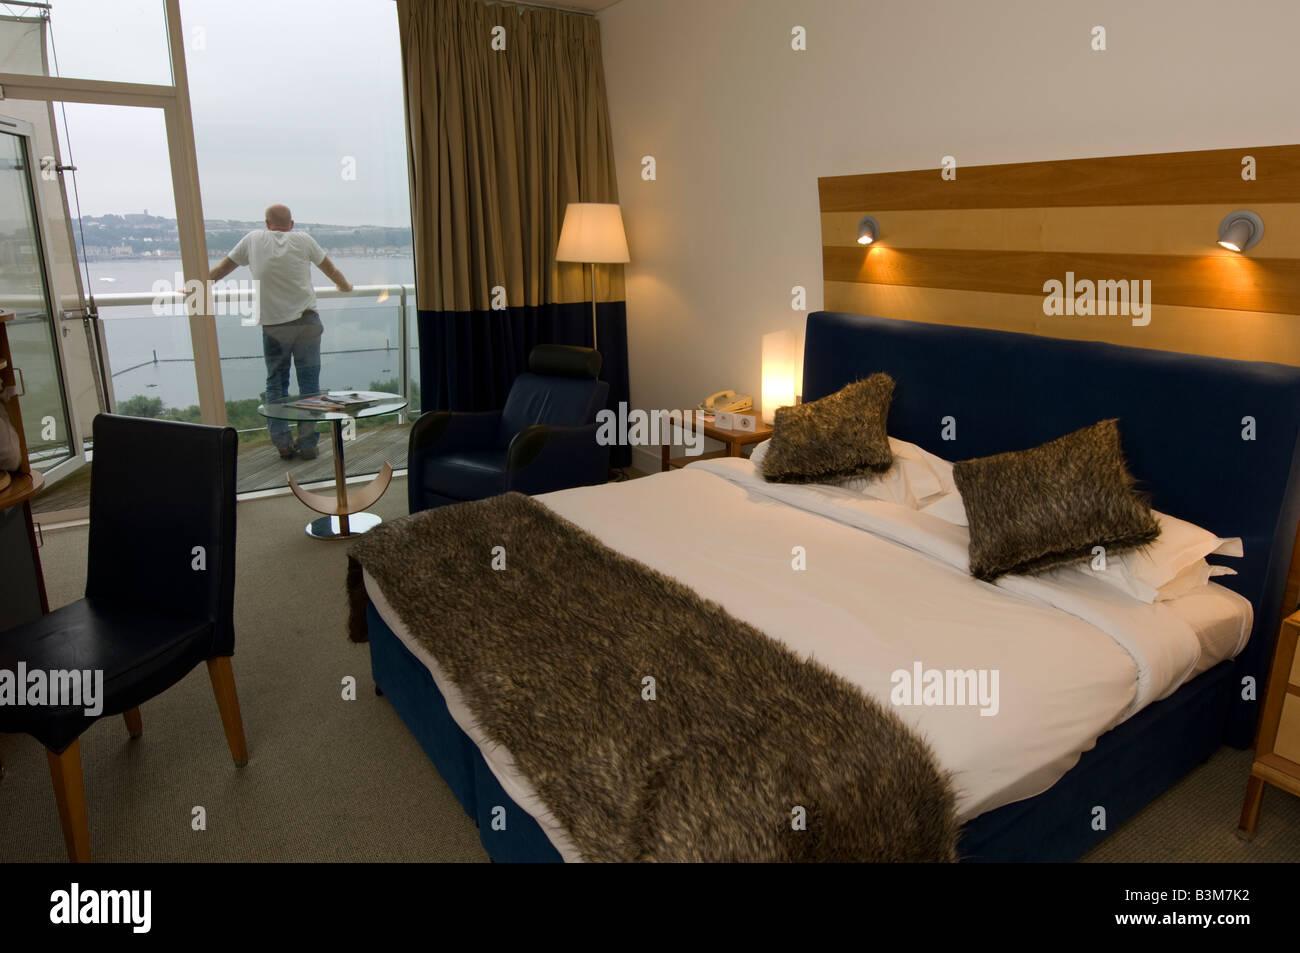 Schlafzimmer In St Davids Luxus 5 Sterne Hotel Cardiff Bay Wales UK   Mann  Auf Dem Balkon Mit Blick Auf Den Blick